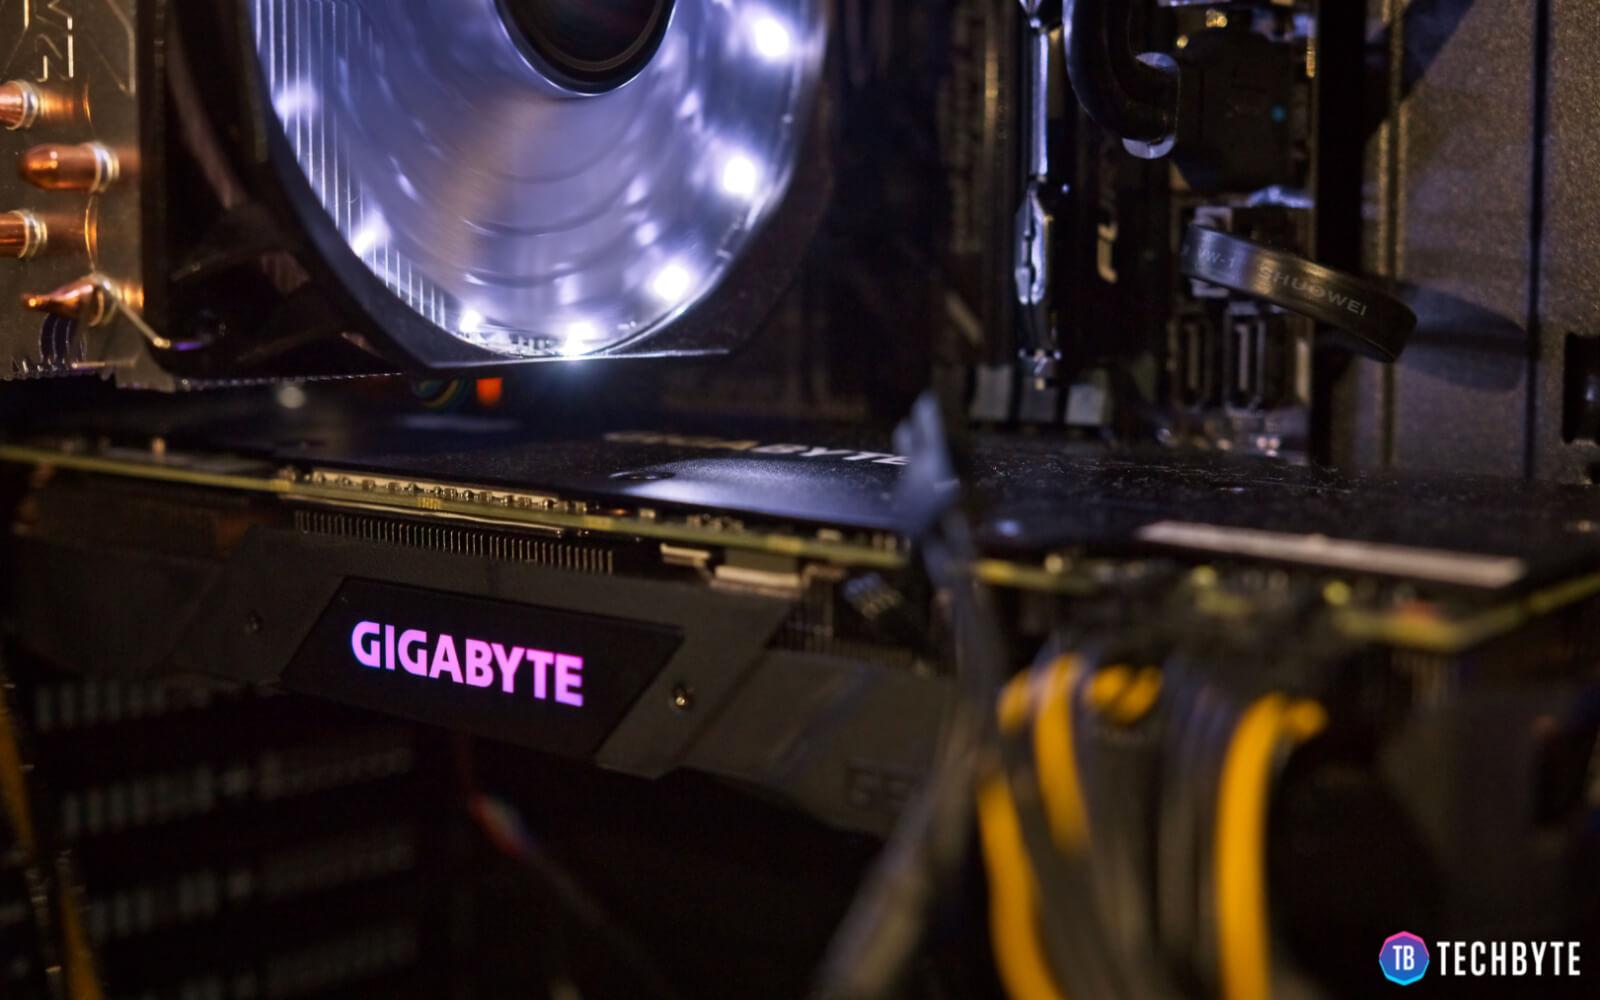 GeForce RTX 2070